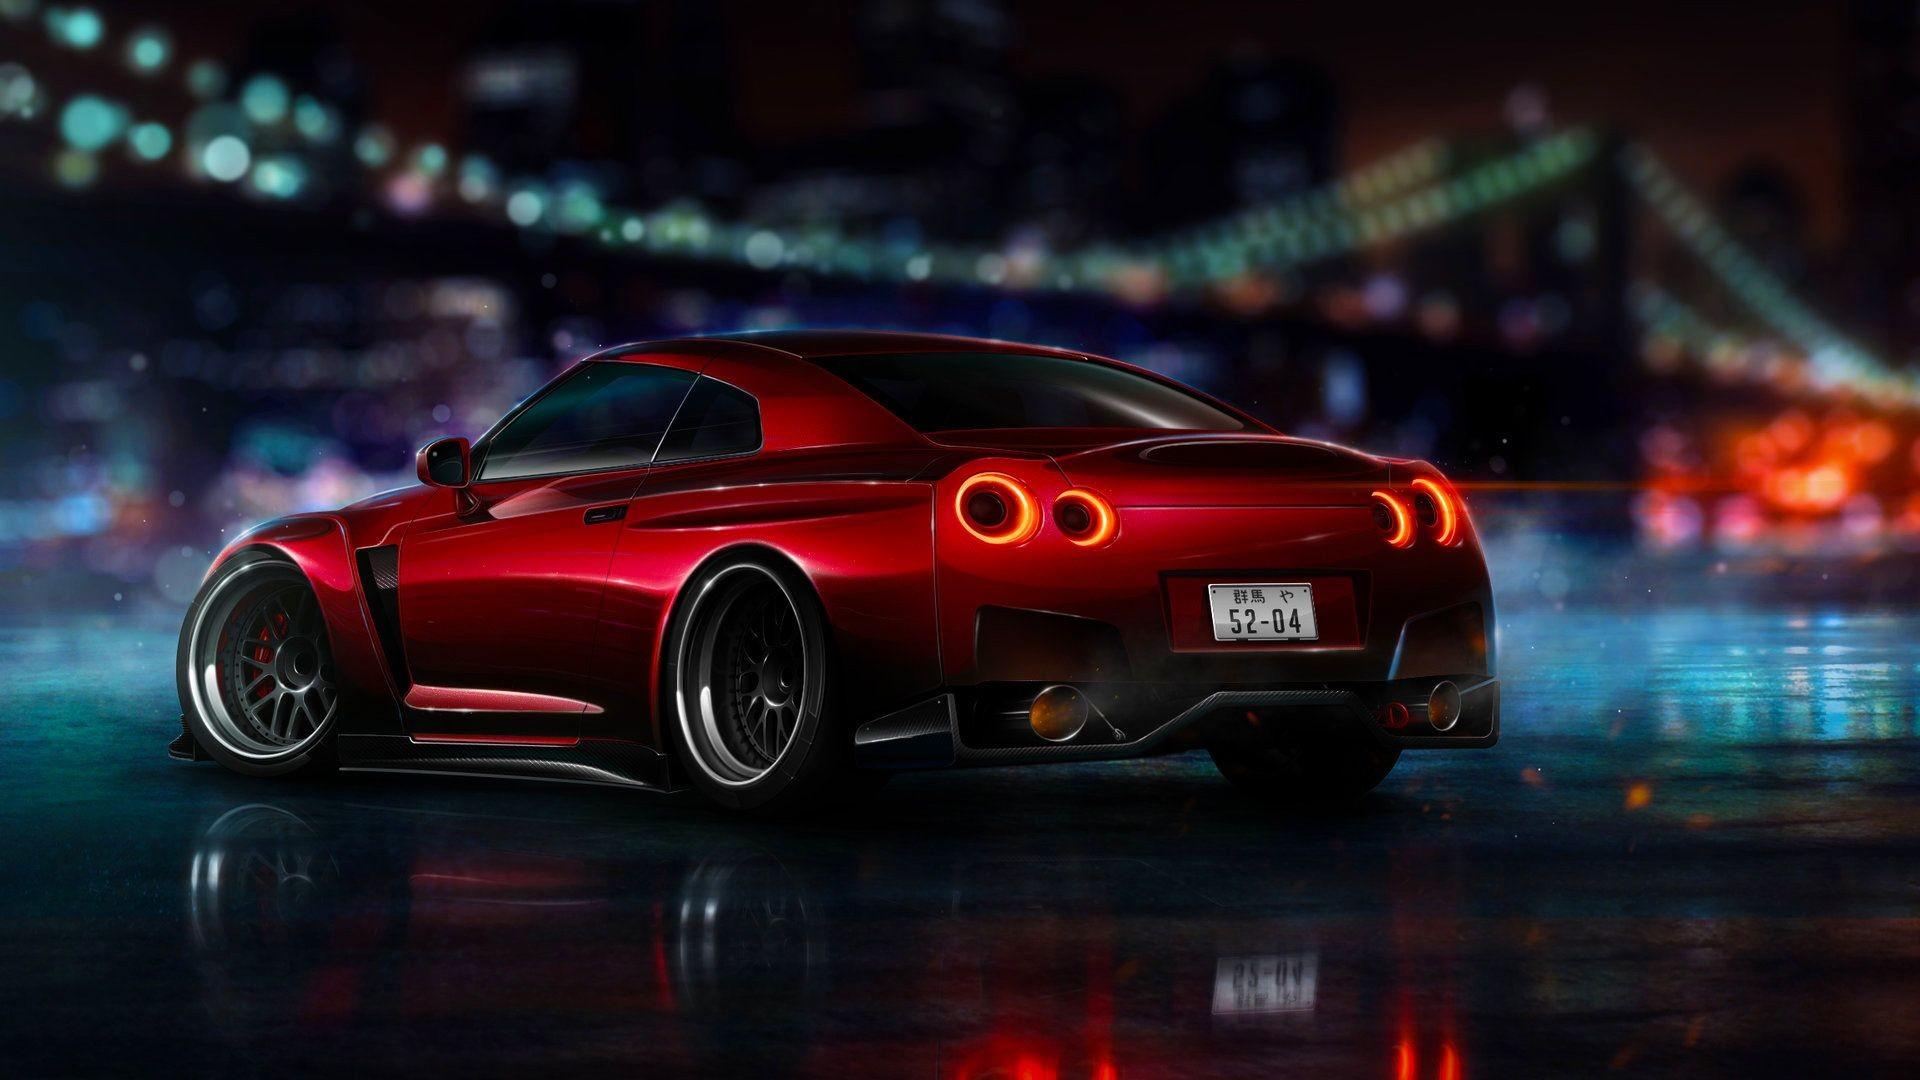 Nissan Gtr Hd Wallpaper 84 Images